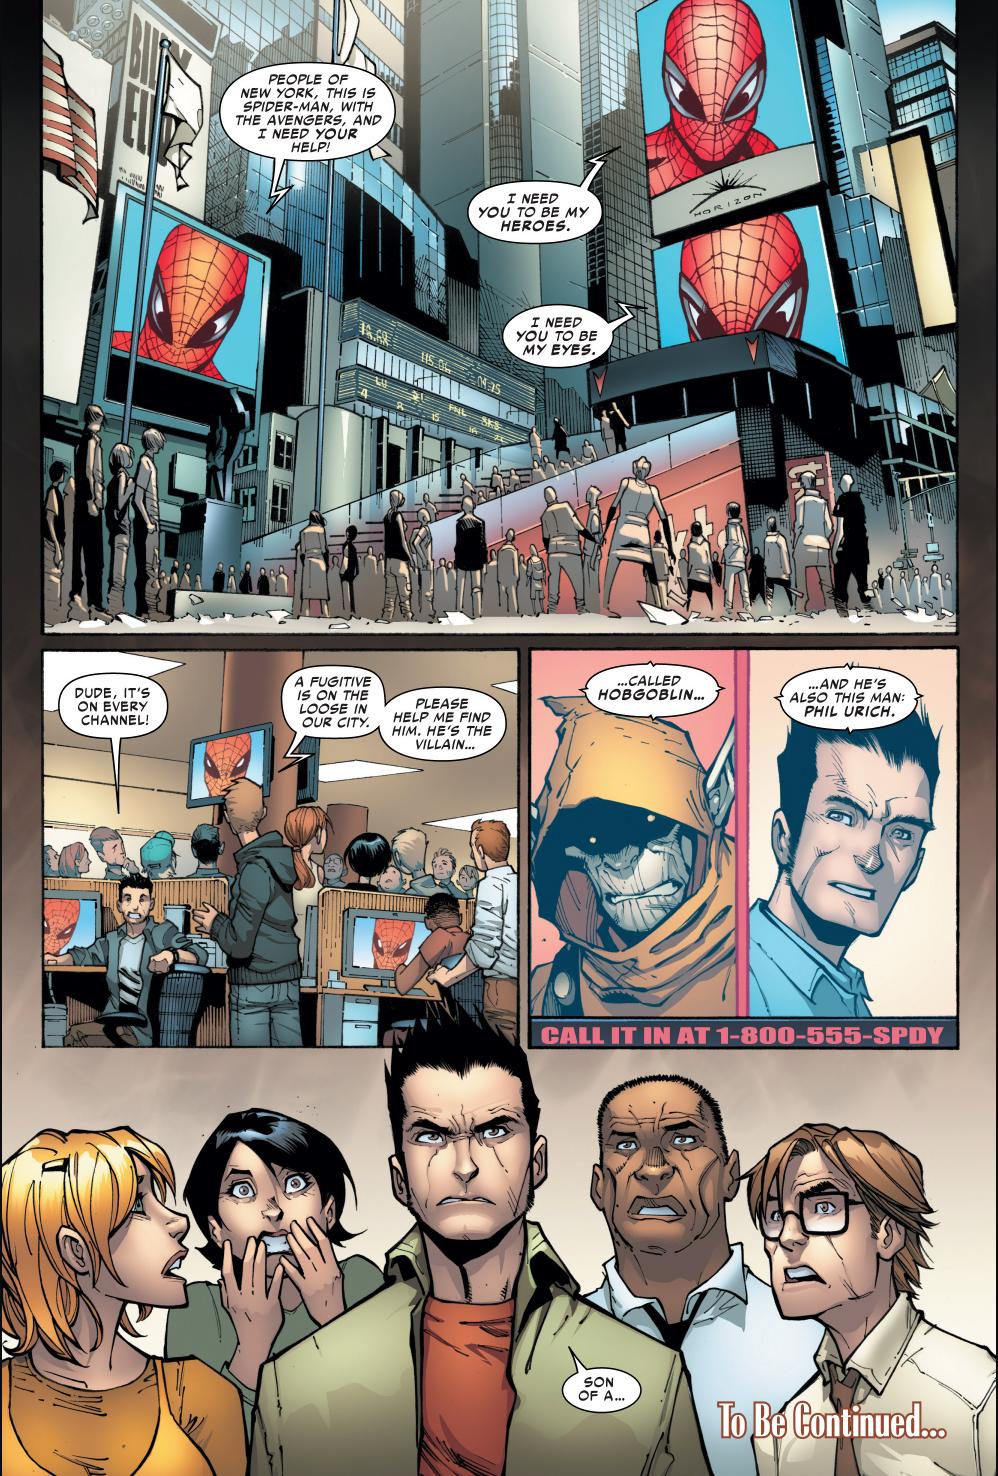 superior spider-man uses crowdsourcing